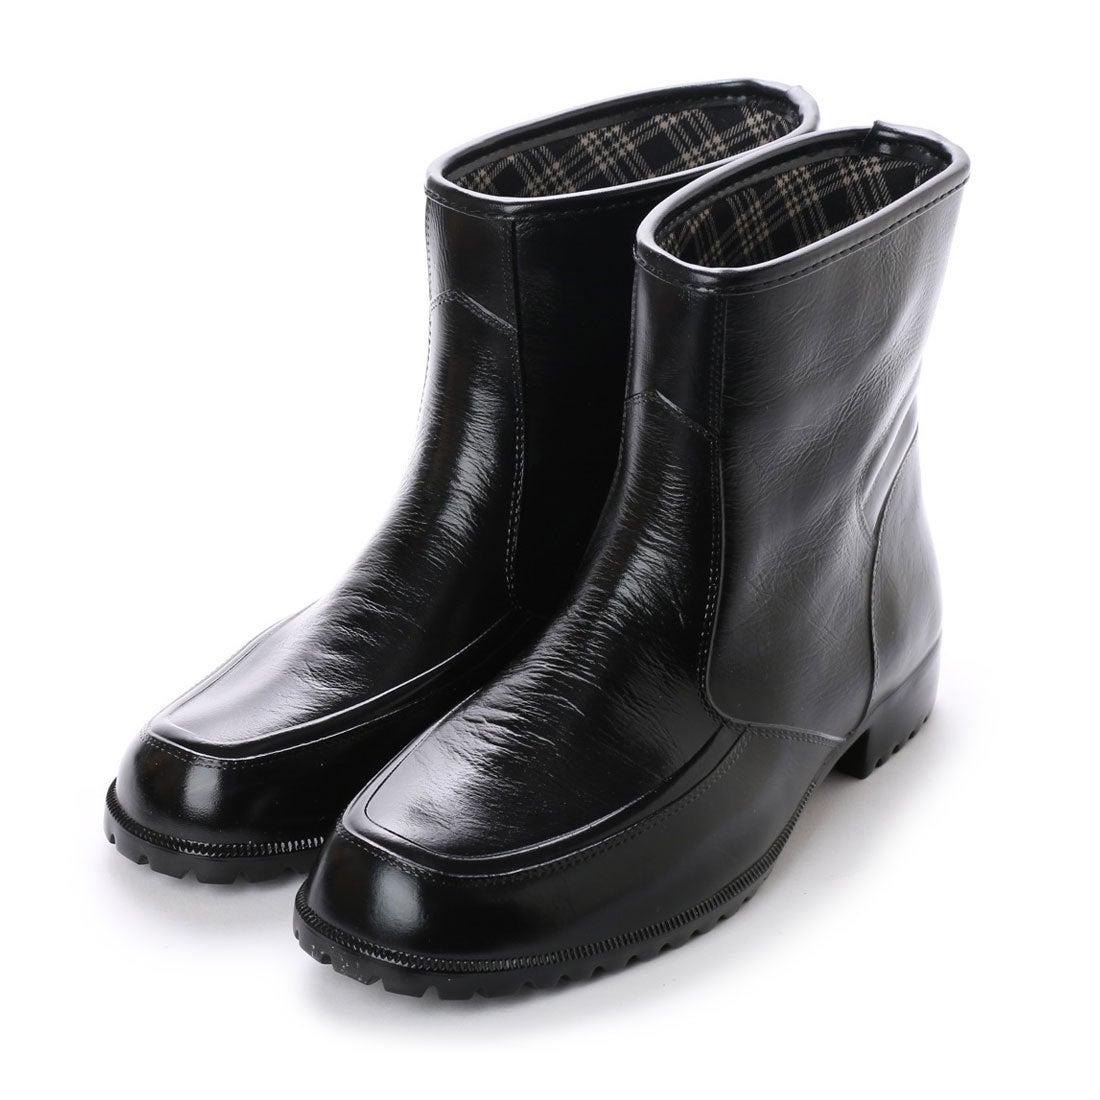 イタリコ ITALICO レインシューズ ラバー素材 完全防水 メンズ ビジネス (ブラック) メンズ